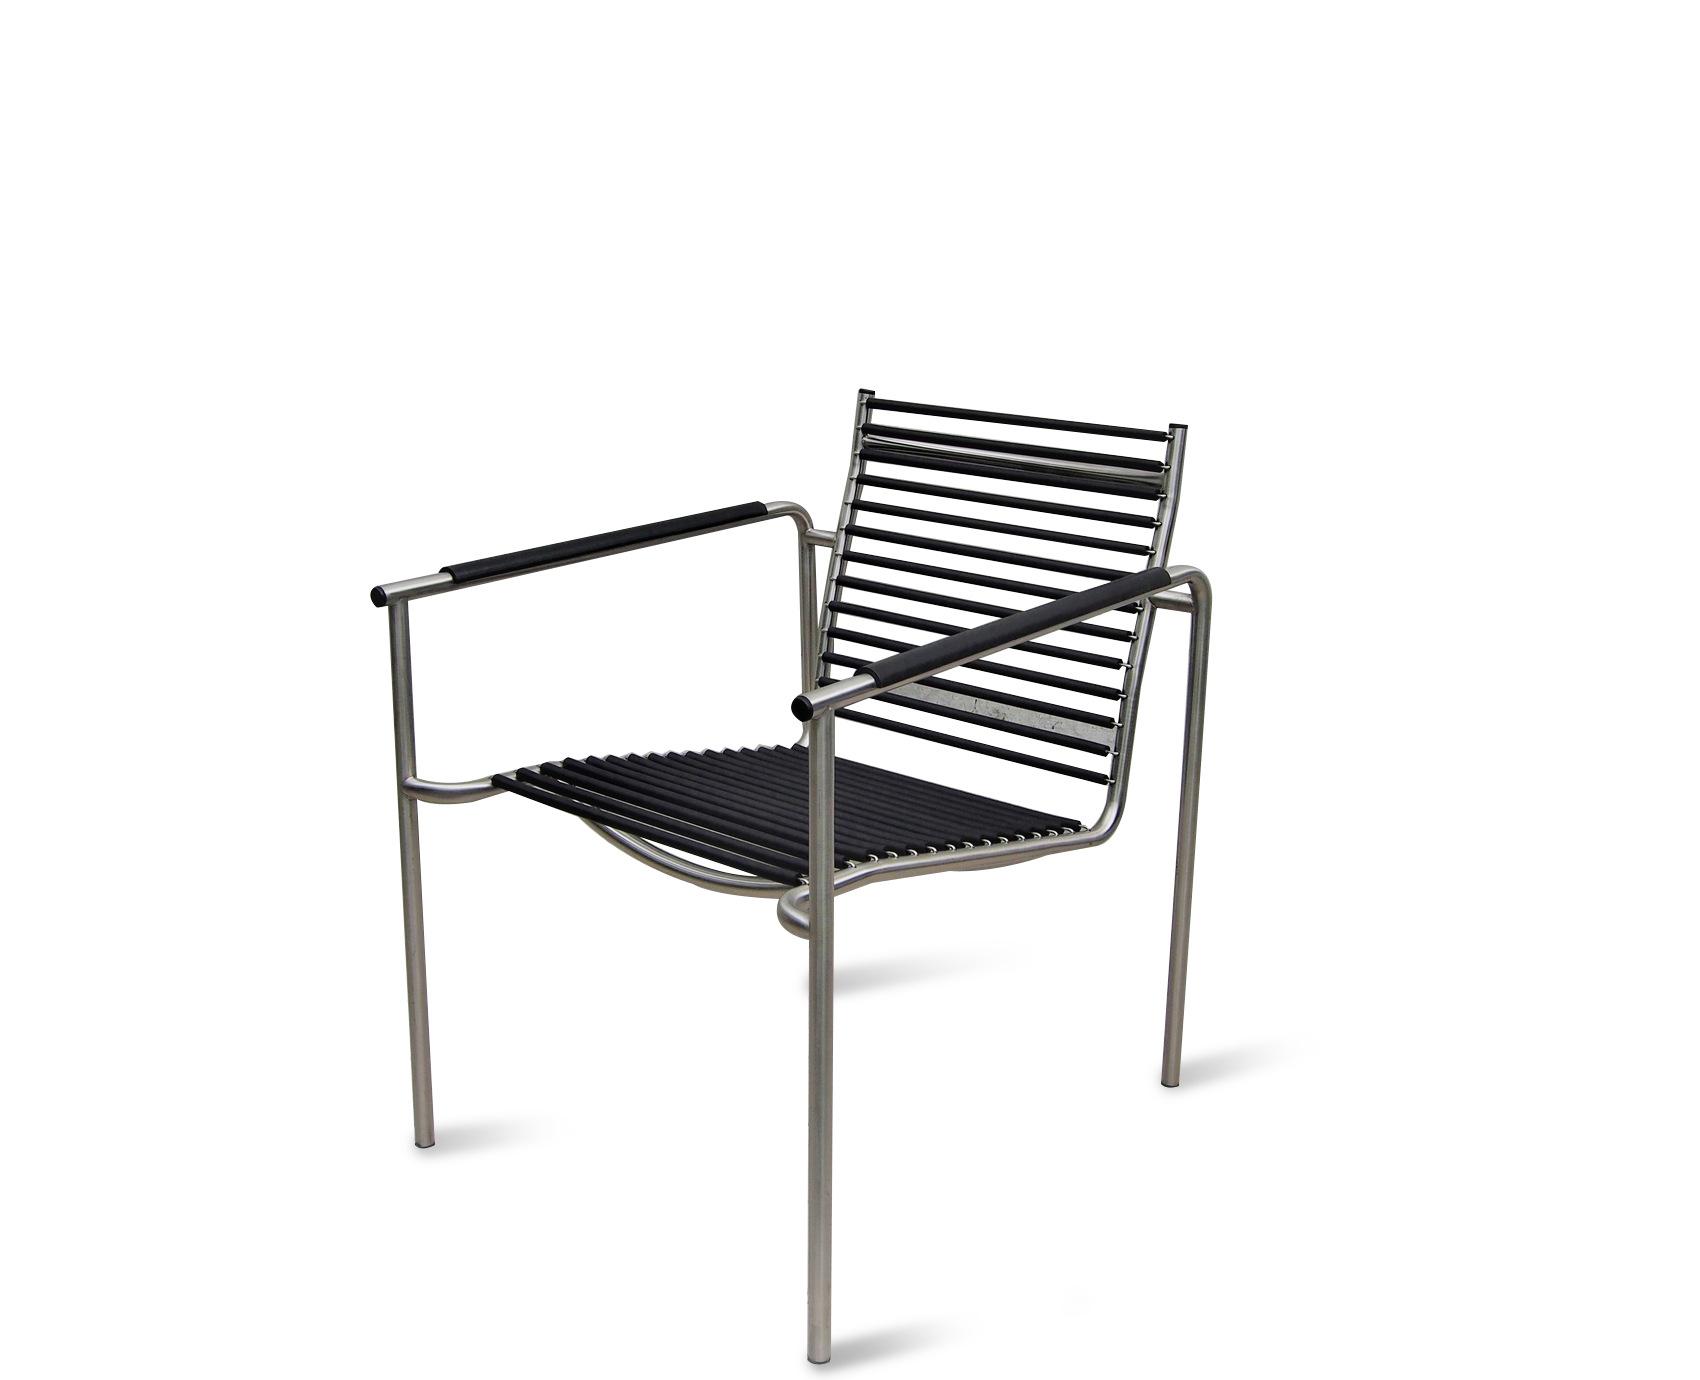 1531937227-gartenmoebel-fauteuil-julia.jpg